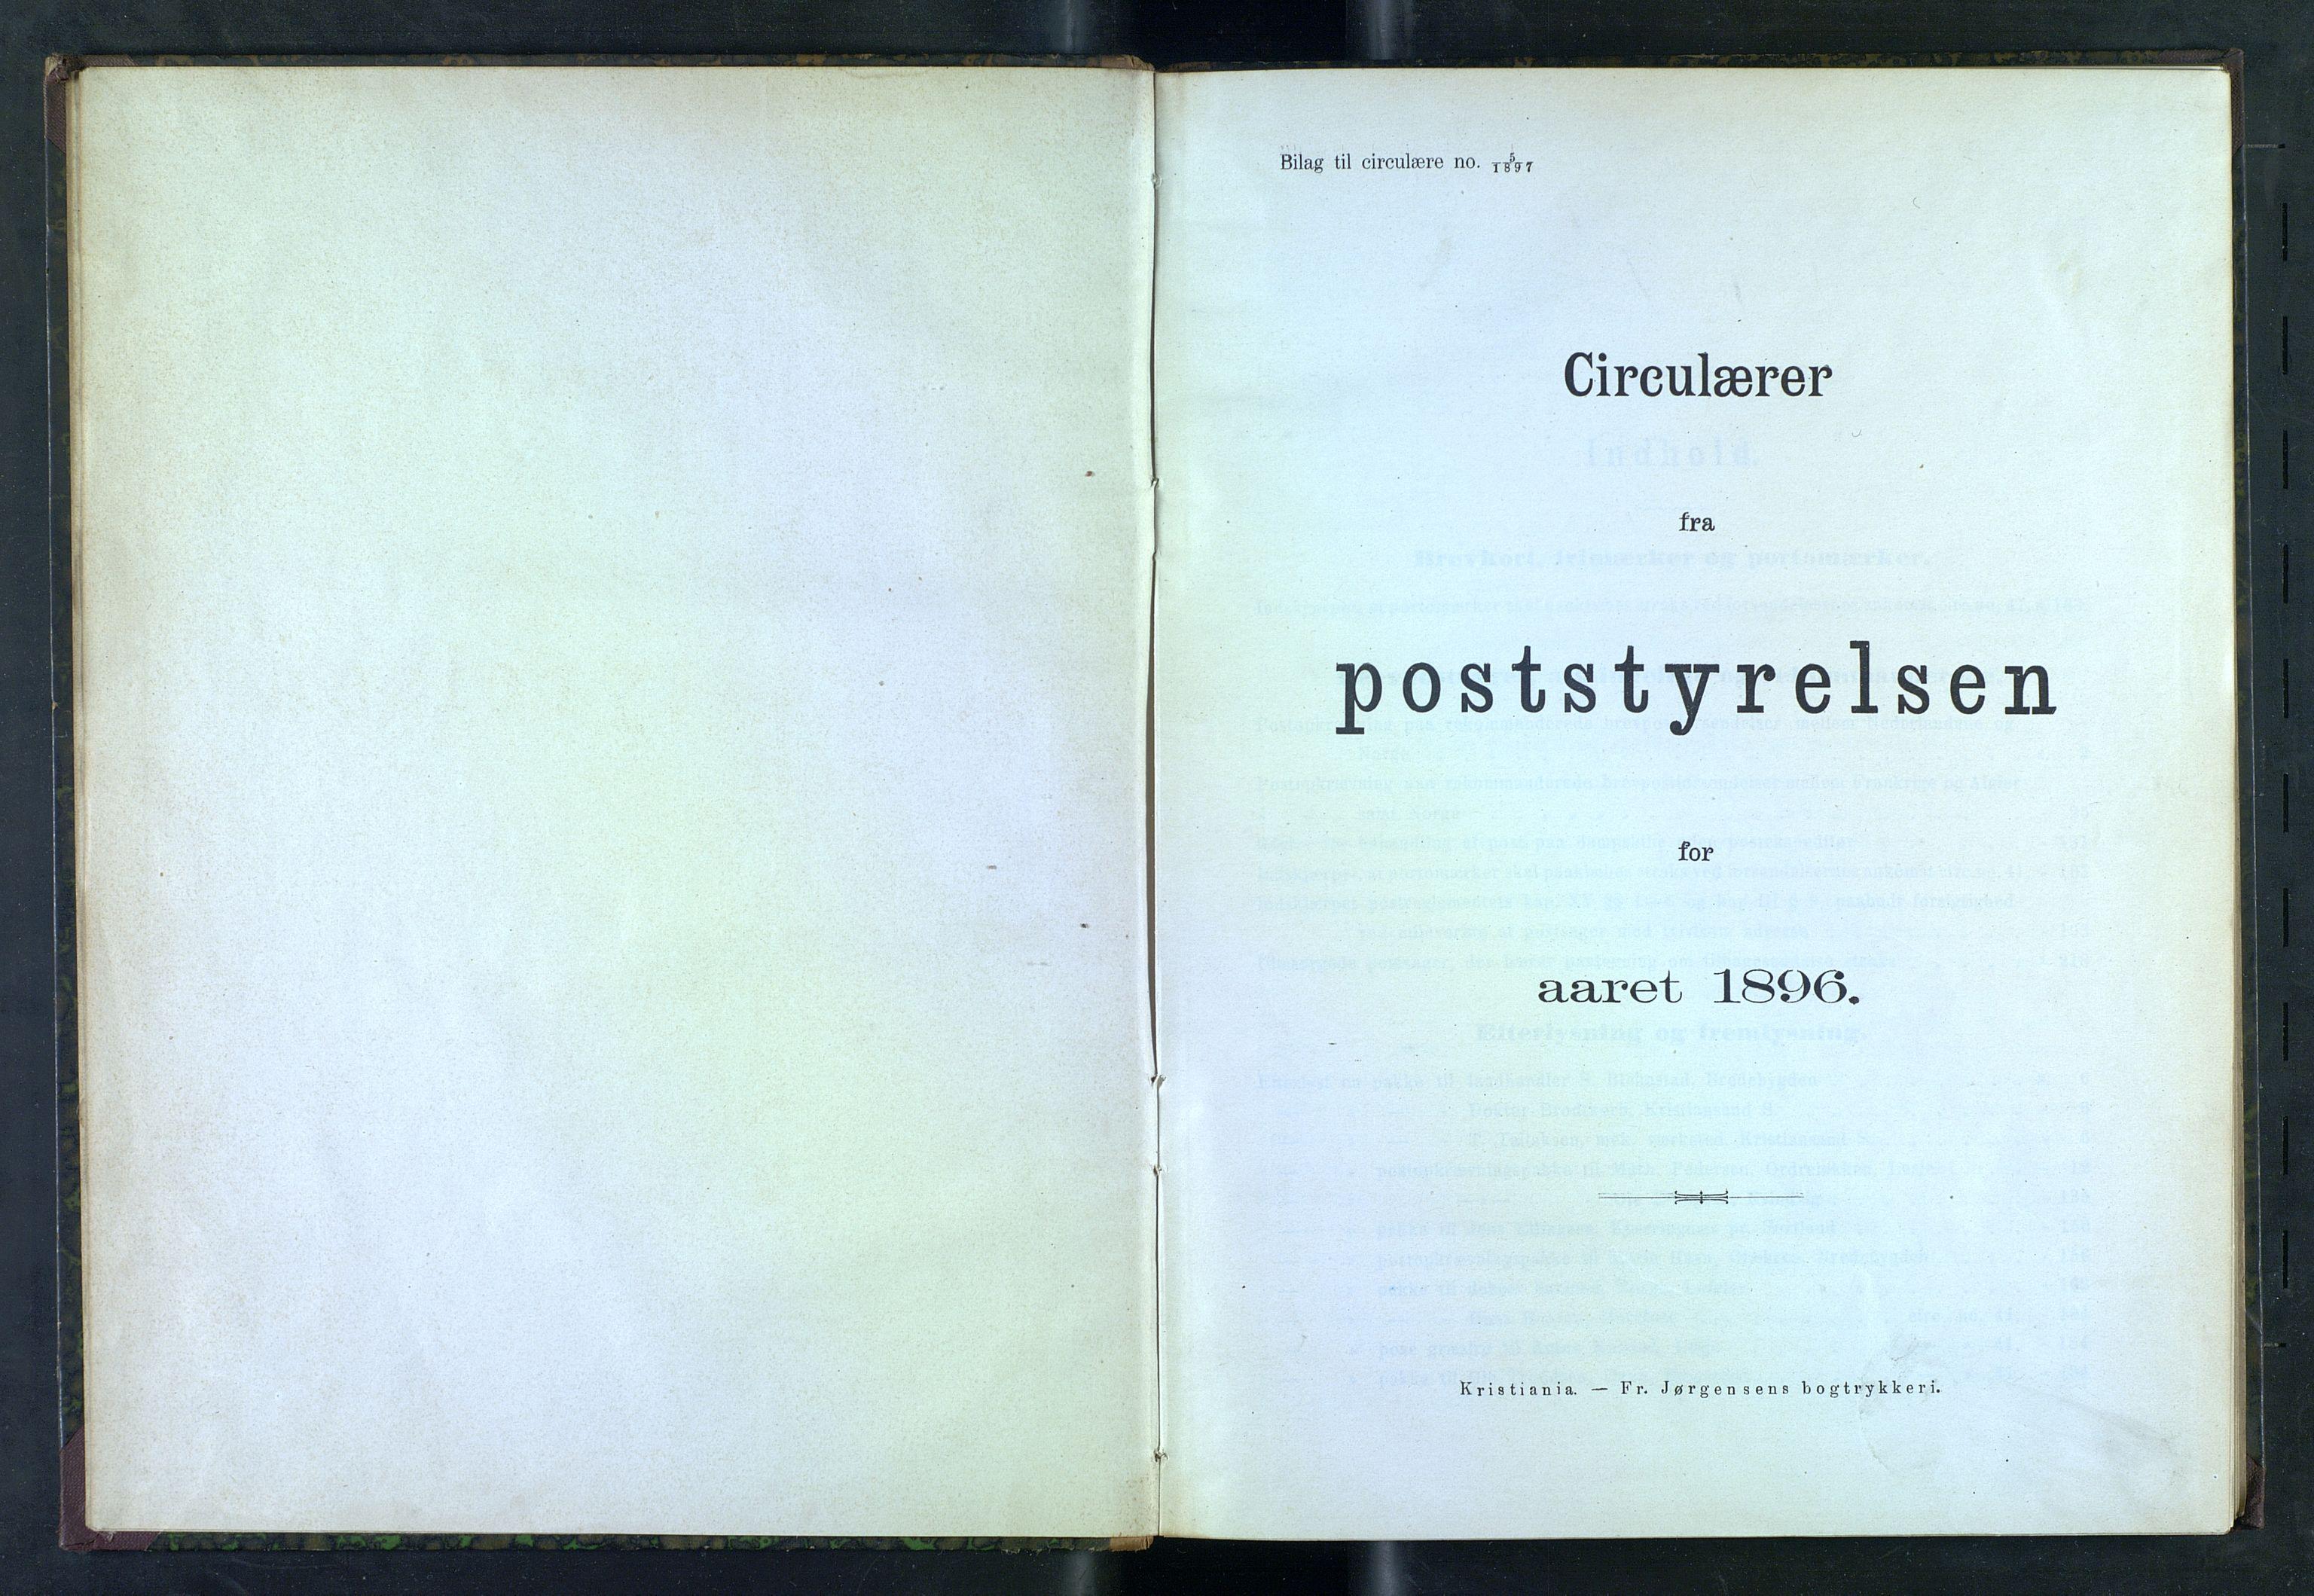 NOPO, Norges Postmuseums bibliotek, -/-: Sirkulærer fra Poststyrelsen, 1896